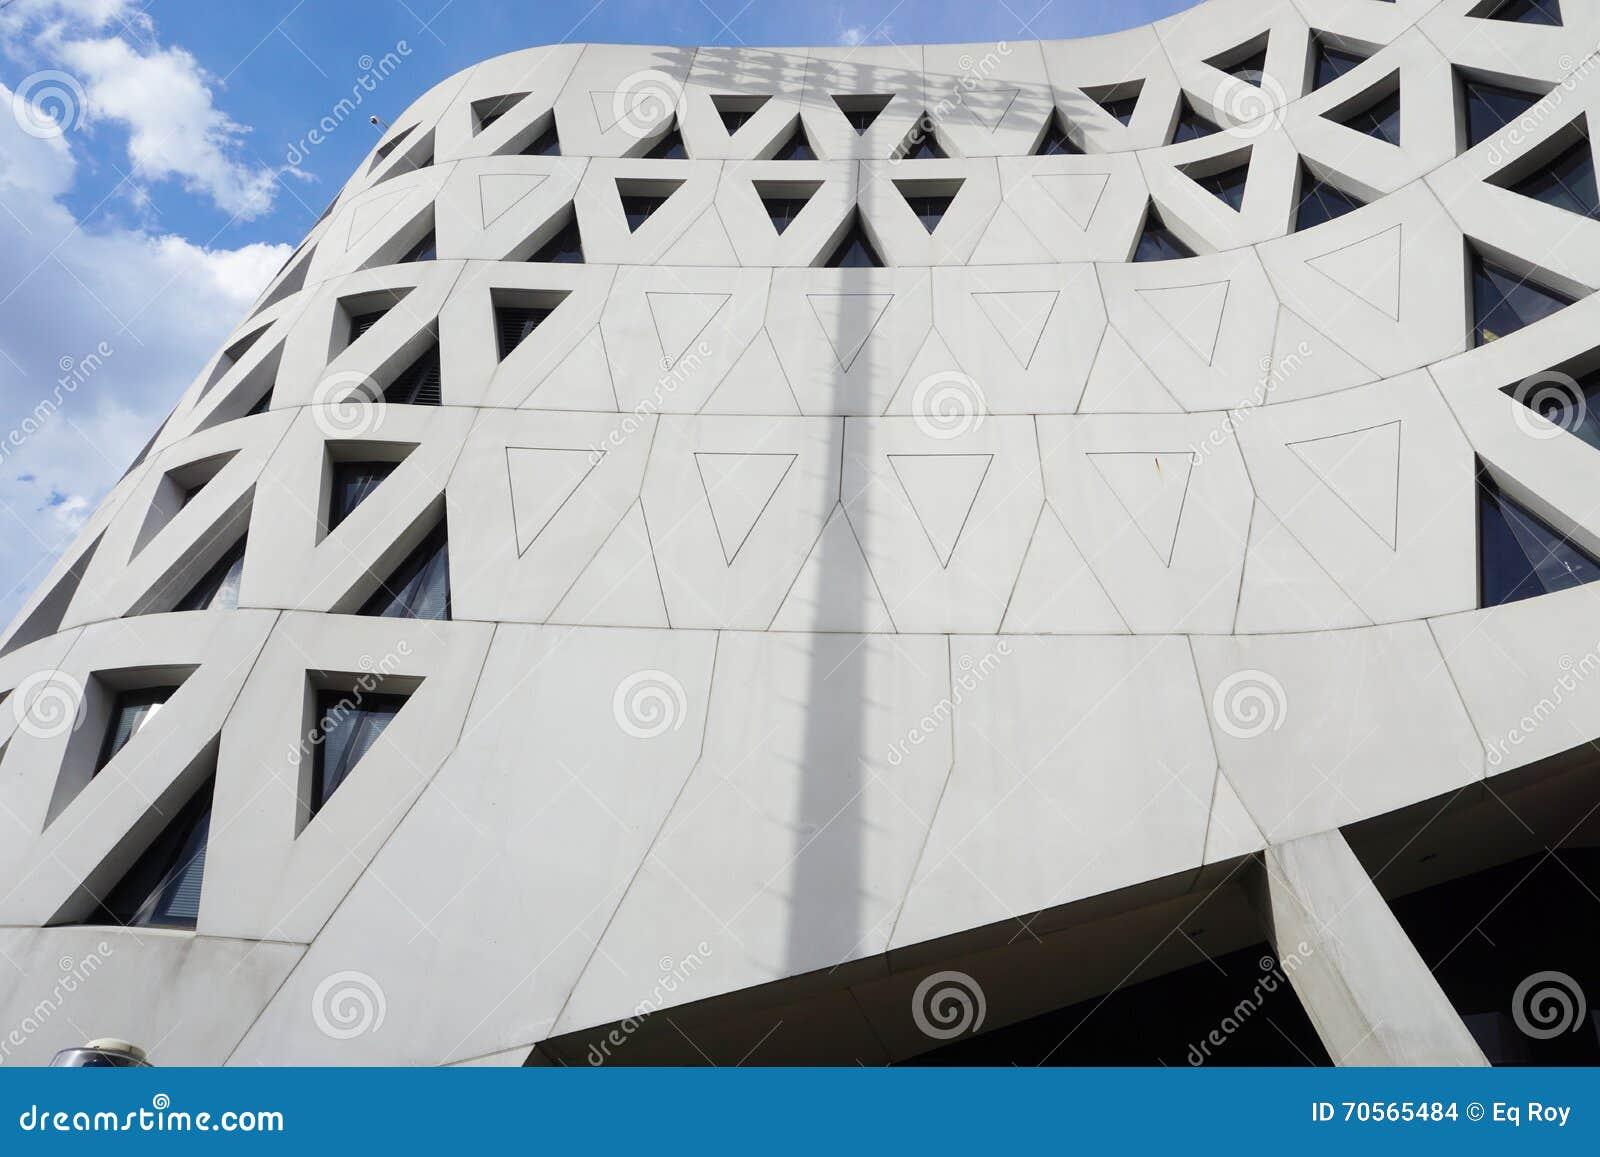 University Of Cincinnati Web Design